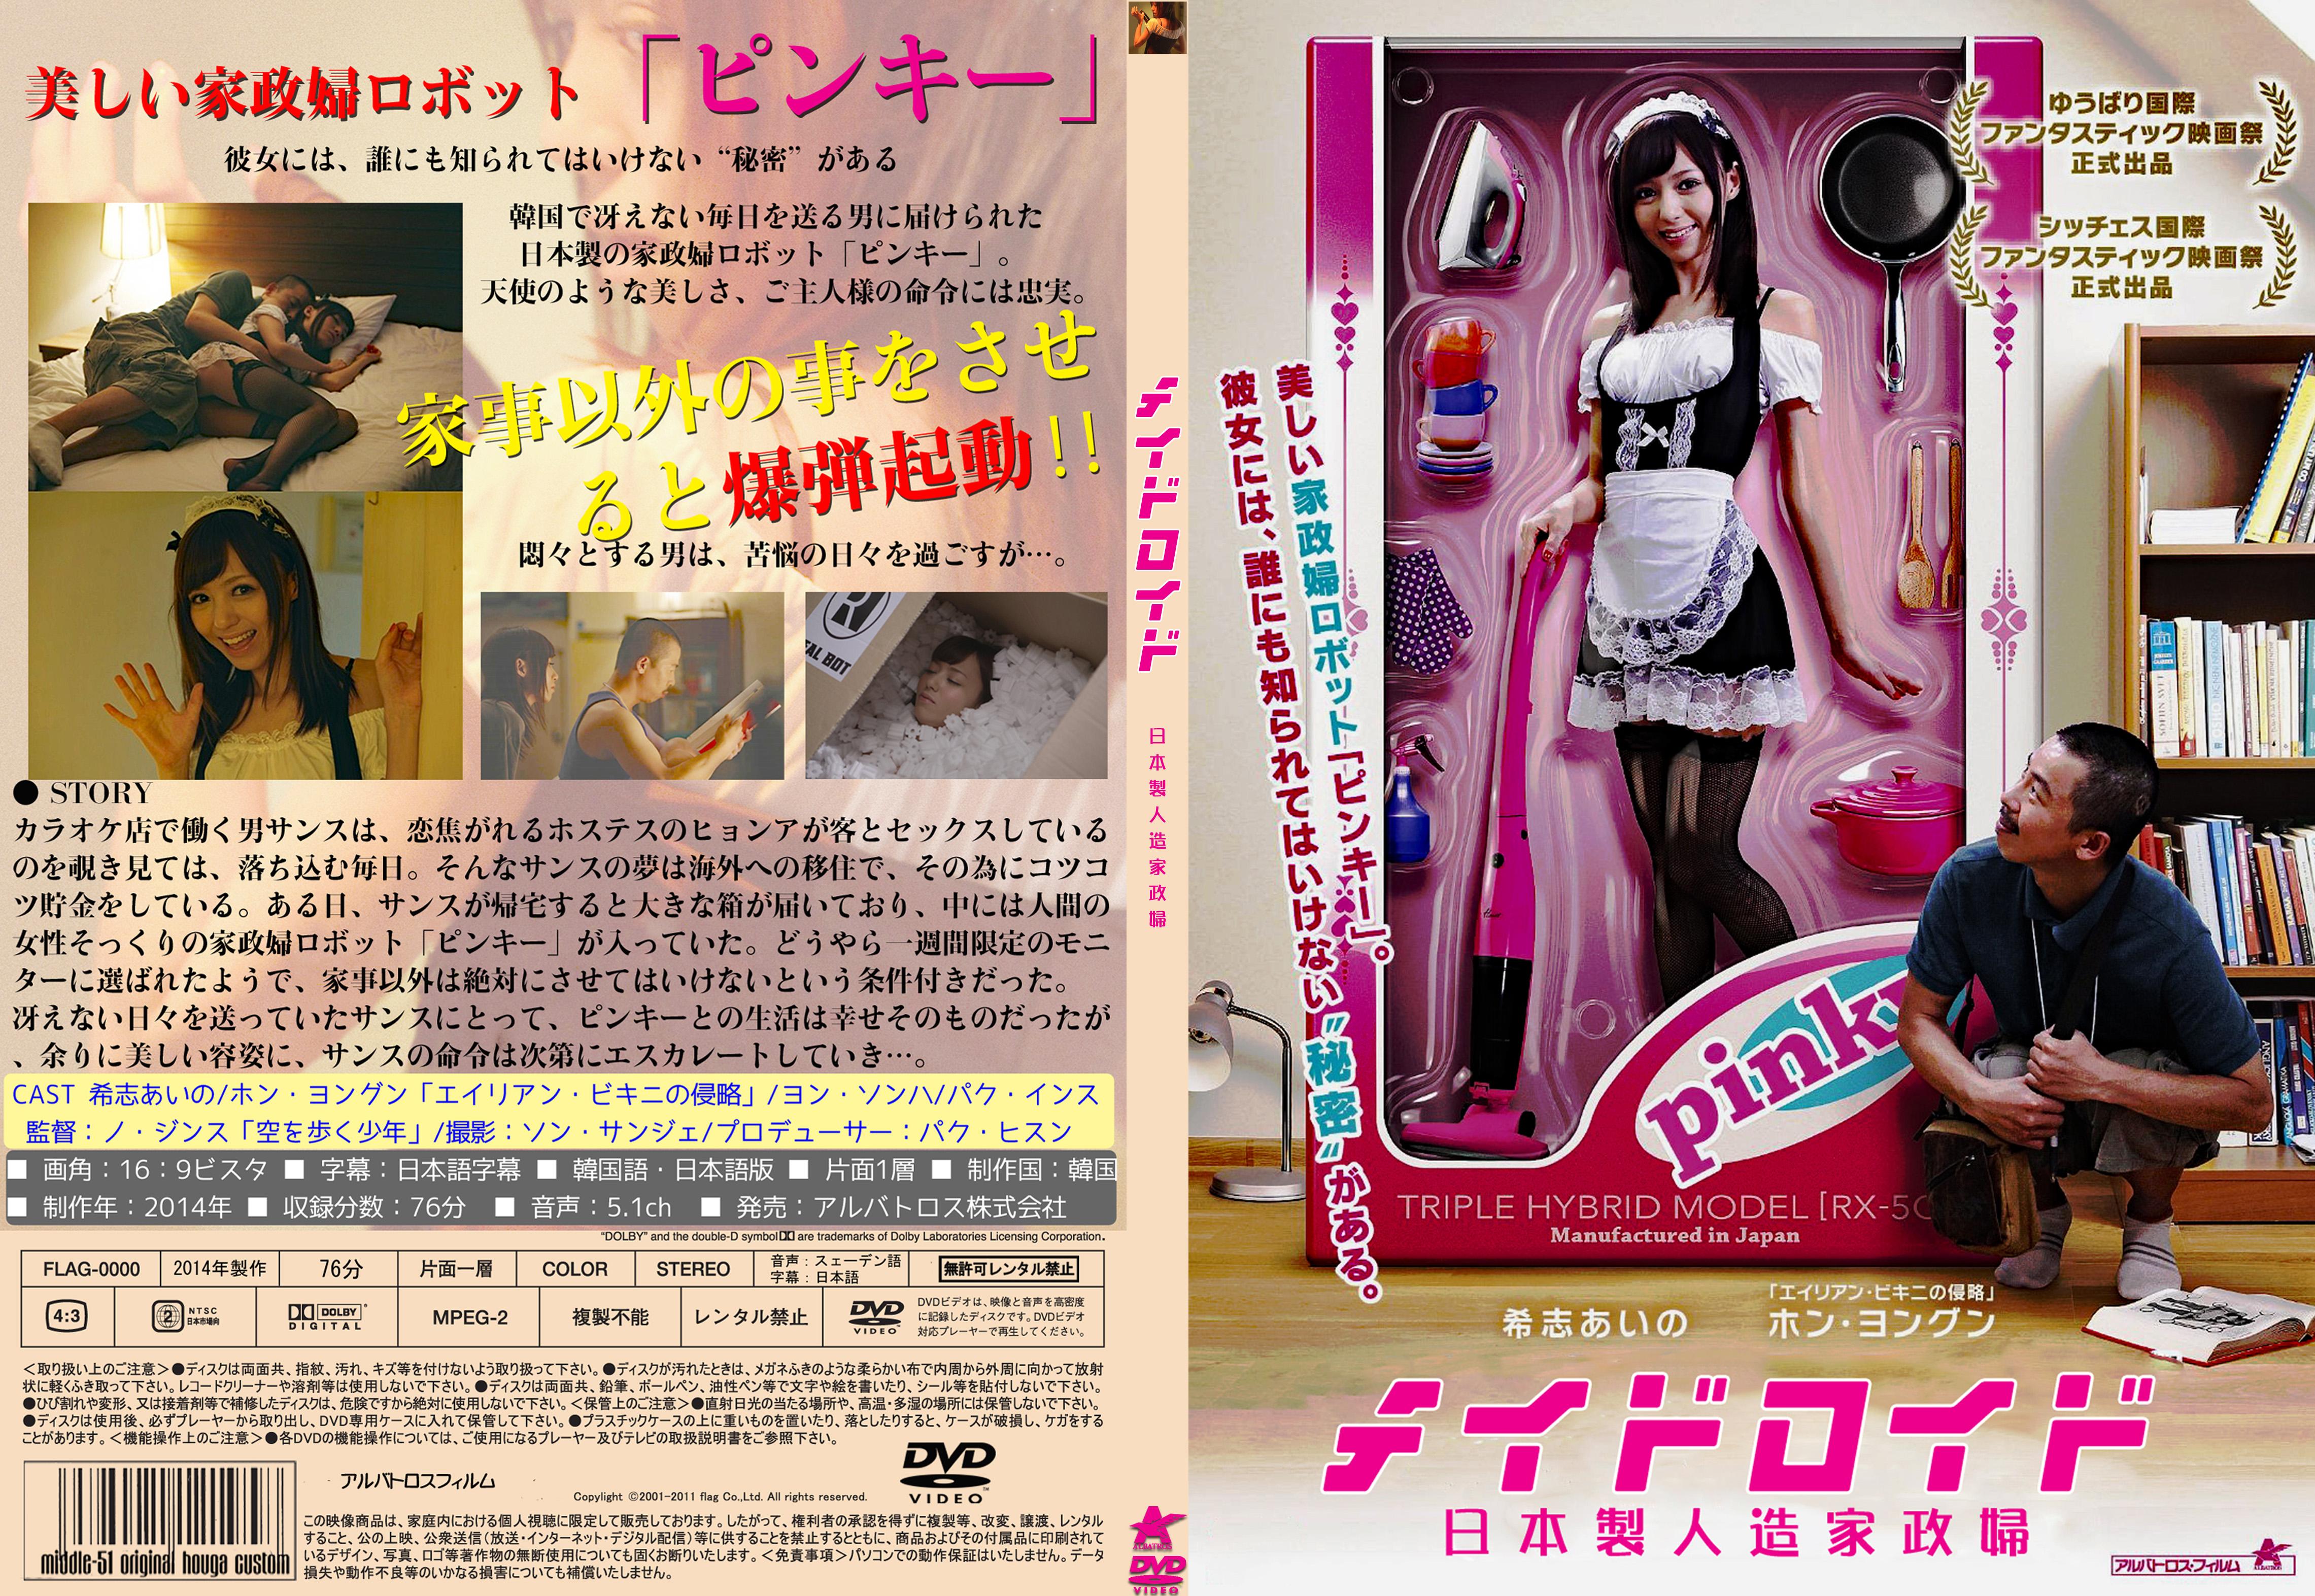 DVDスリムジャケット  7mm